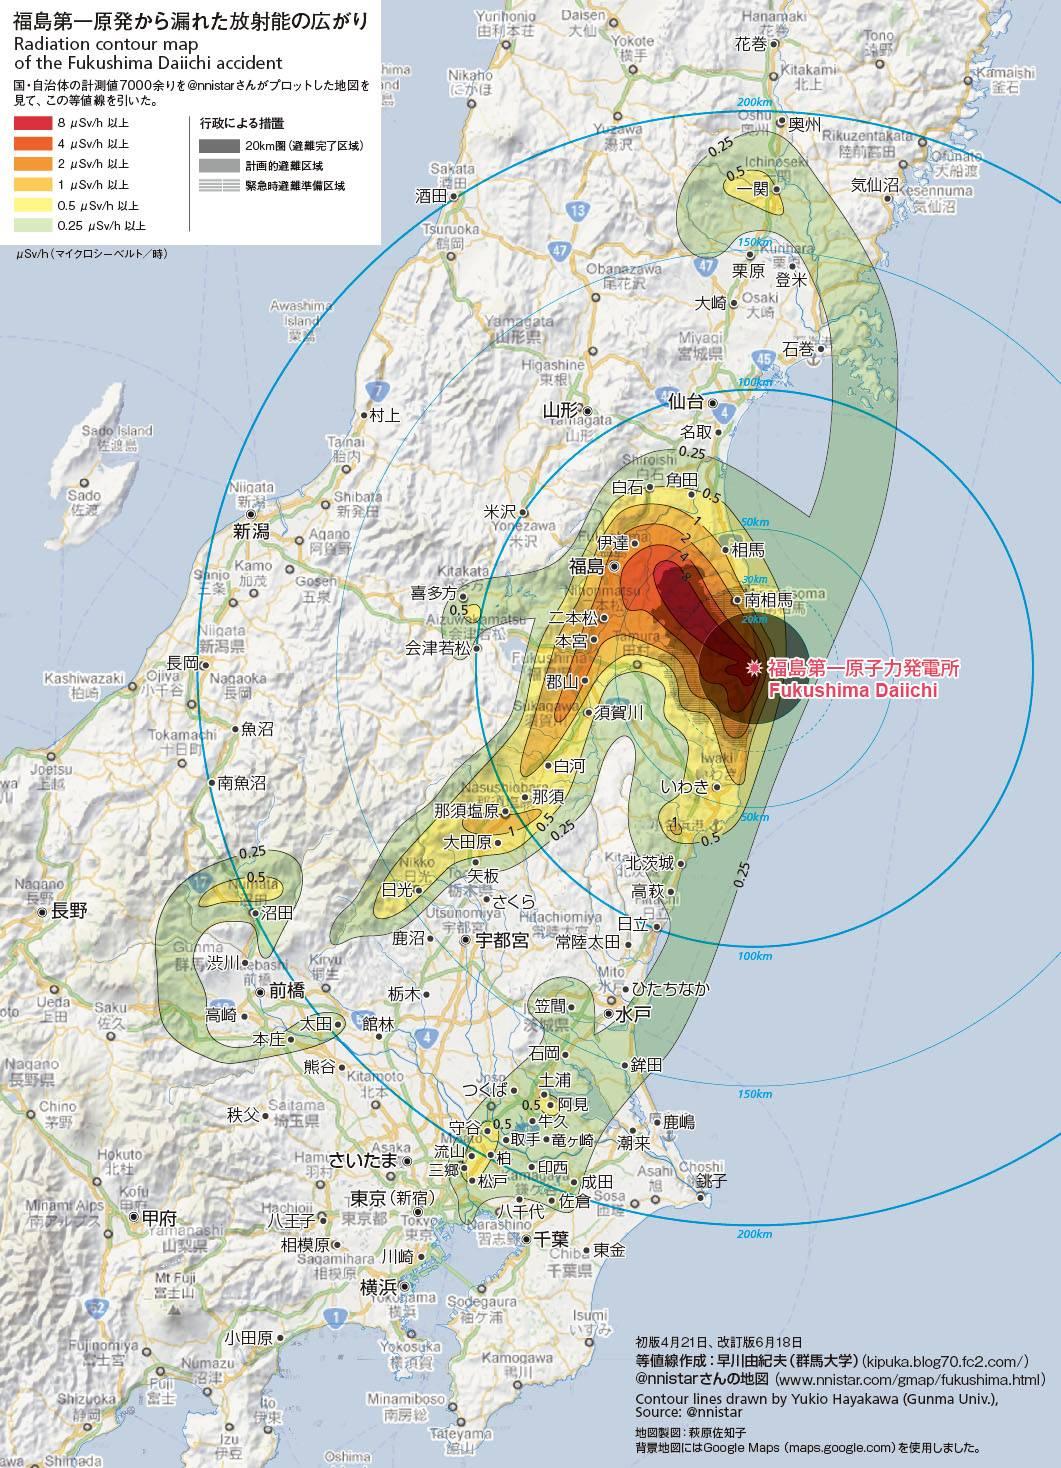 日本は放射能と共に生きるしかないのか。